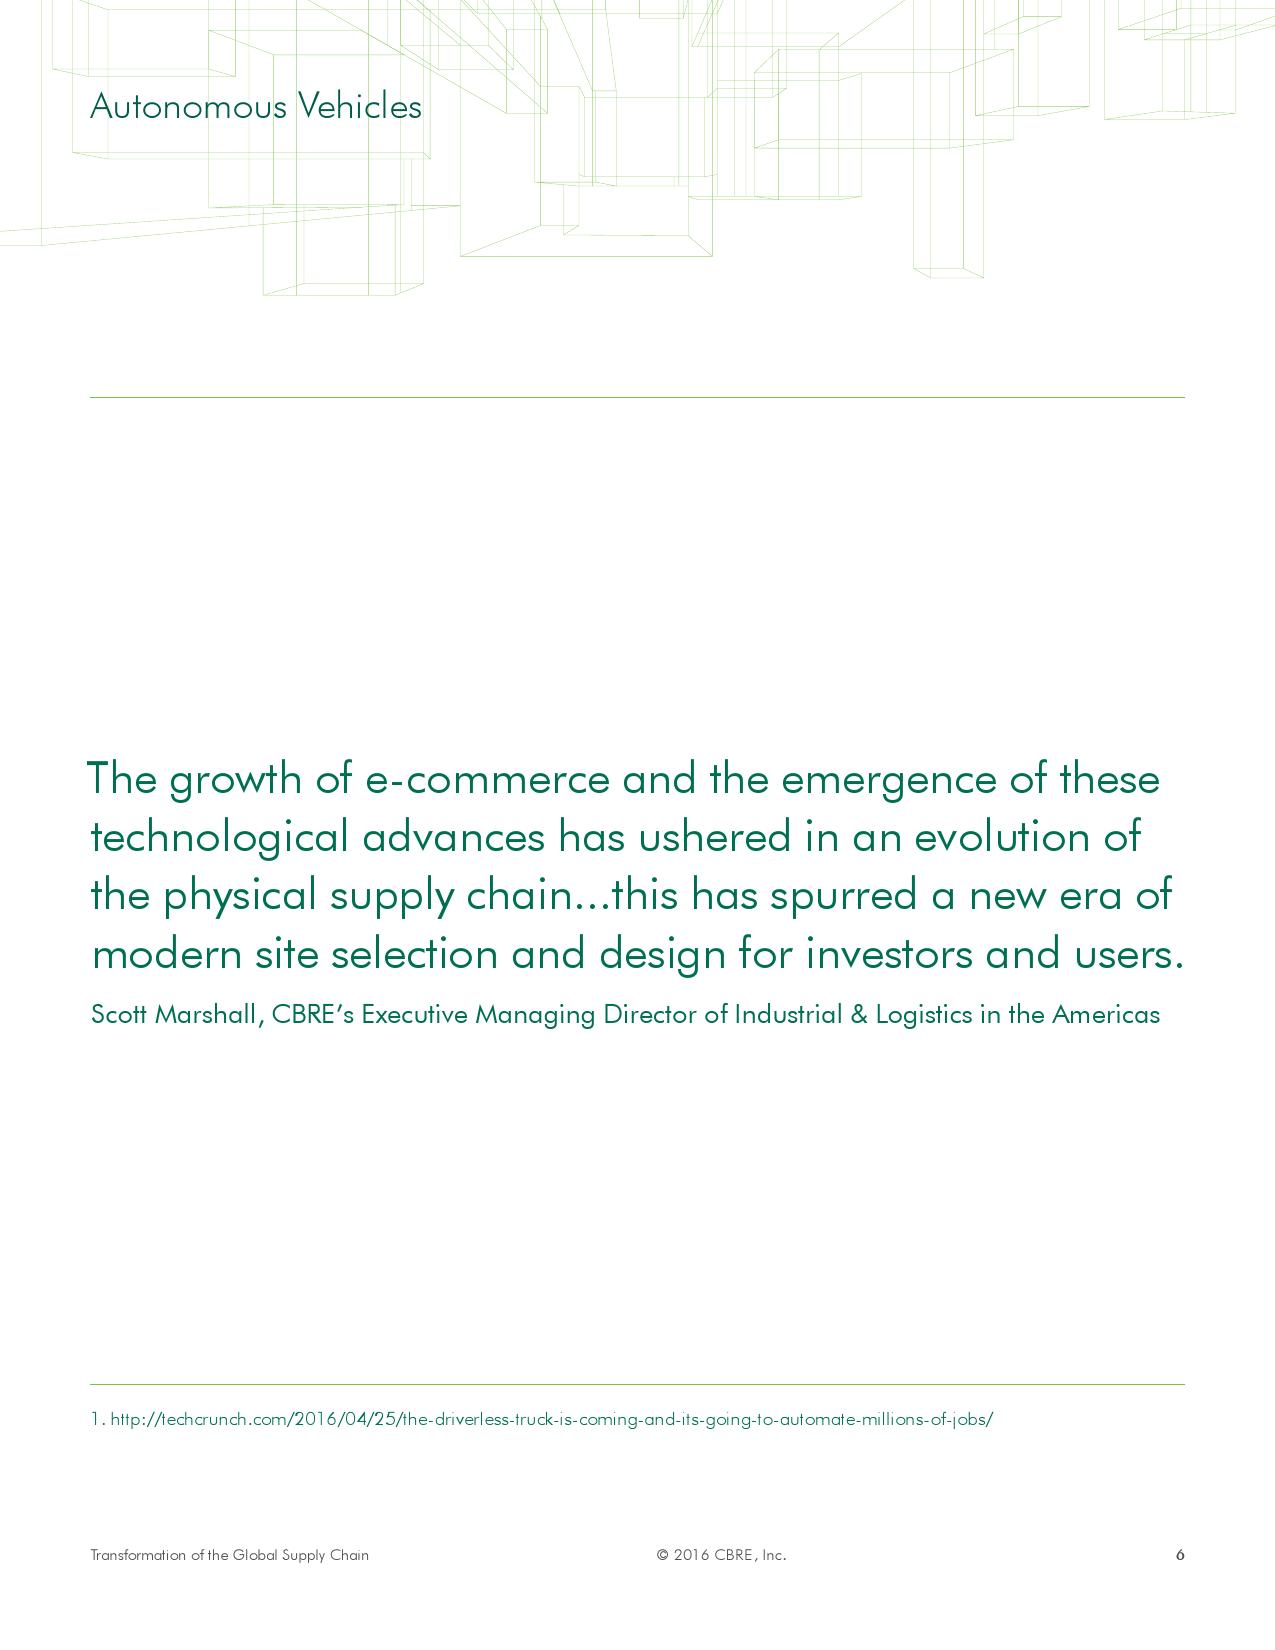 全球供应链升级-自动化技术驱动房地产变革_000006